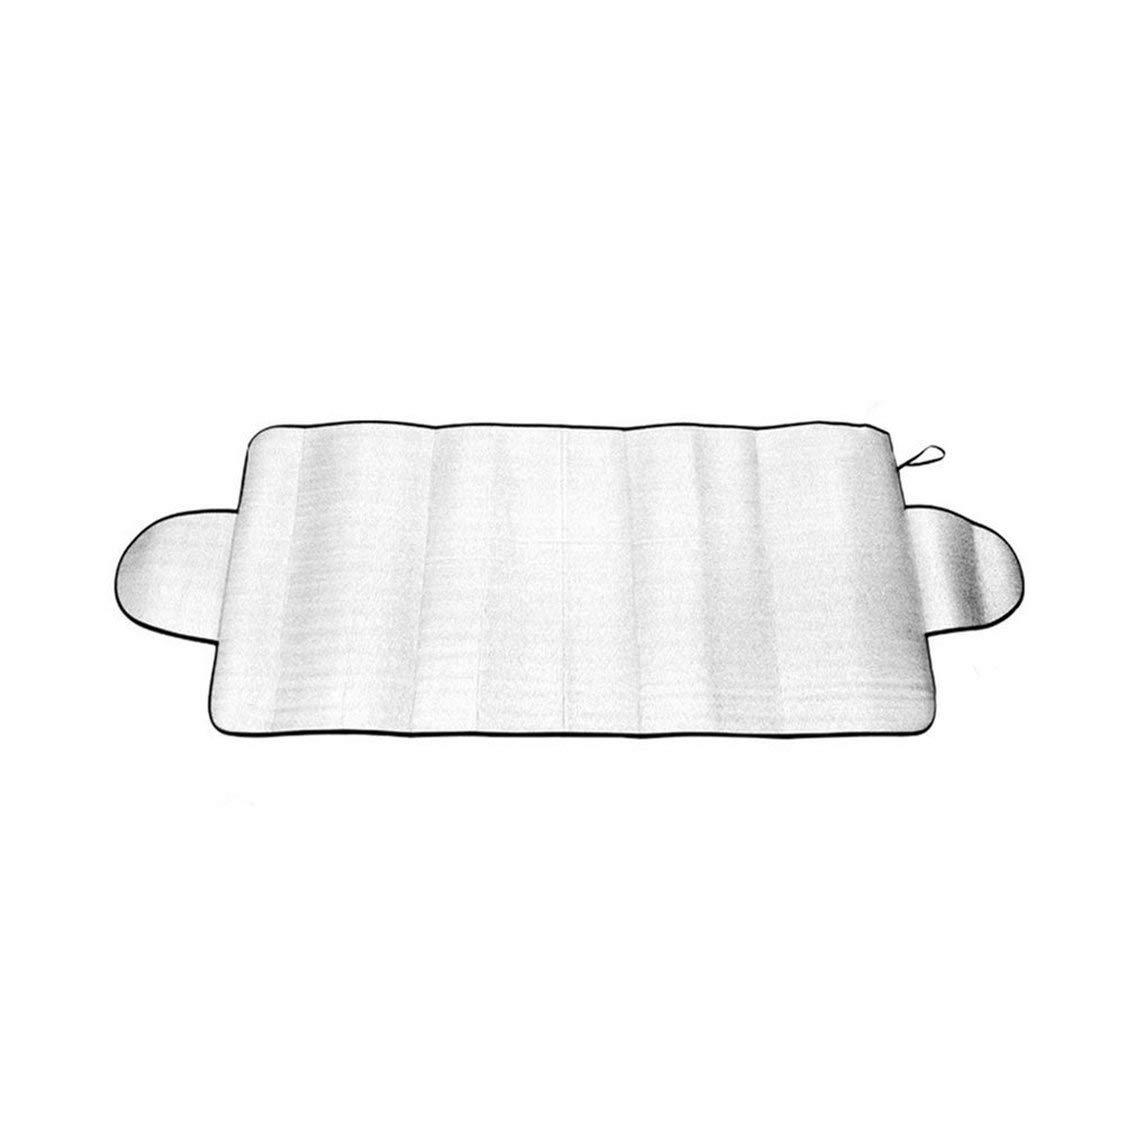 Mazur Couvercle de Pare-Brise Auto Multi-Usage Anti-Ombre Givre Glace Neige Housse protectrice UV Anti-poussiè re Capuchons Voiture en Coton (Argent)